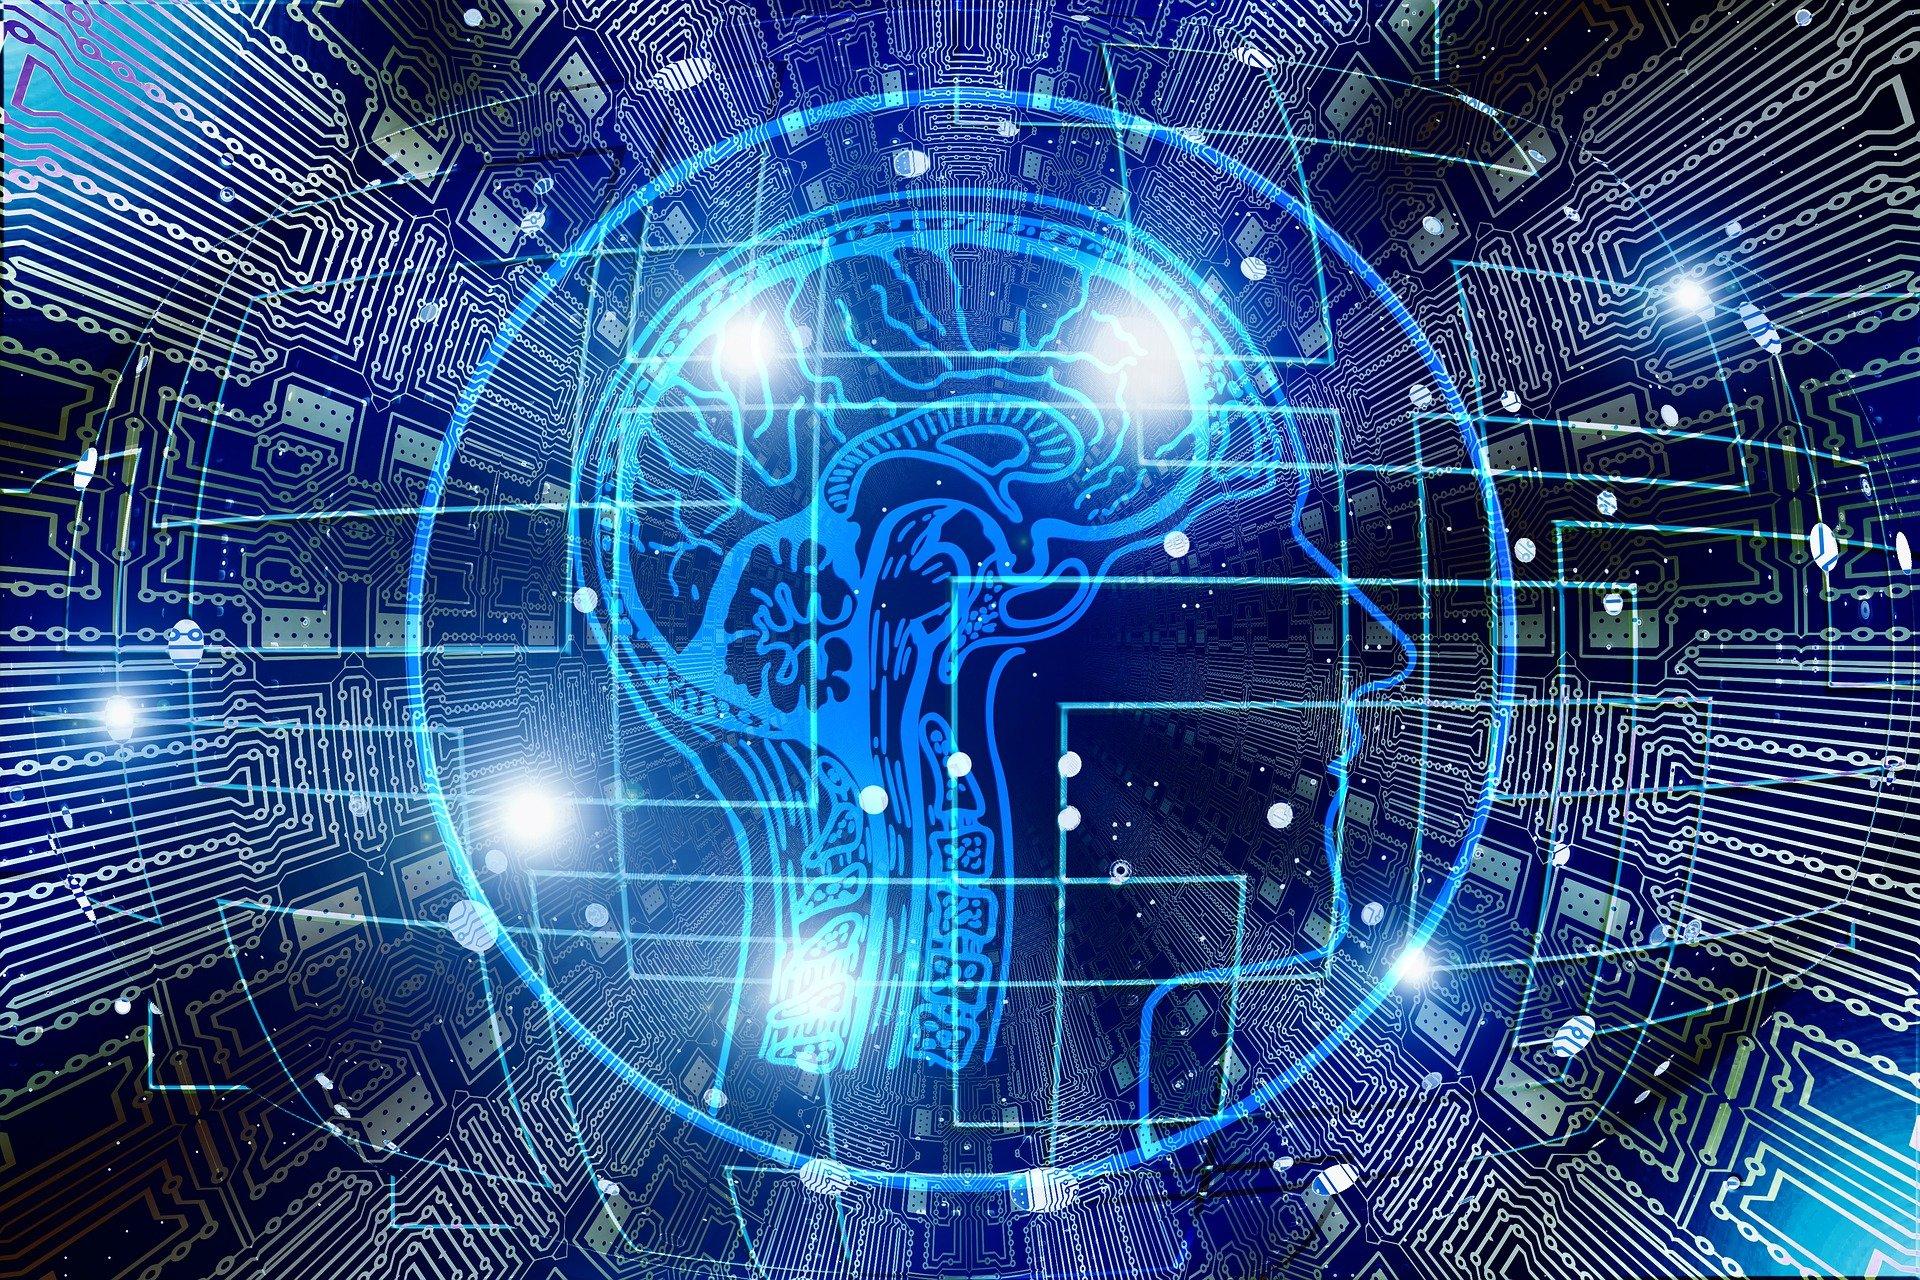 Роскомнадзор намерен искать запрещенный контент с помощью искусственного интеллекта